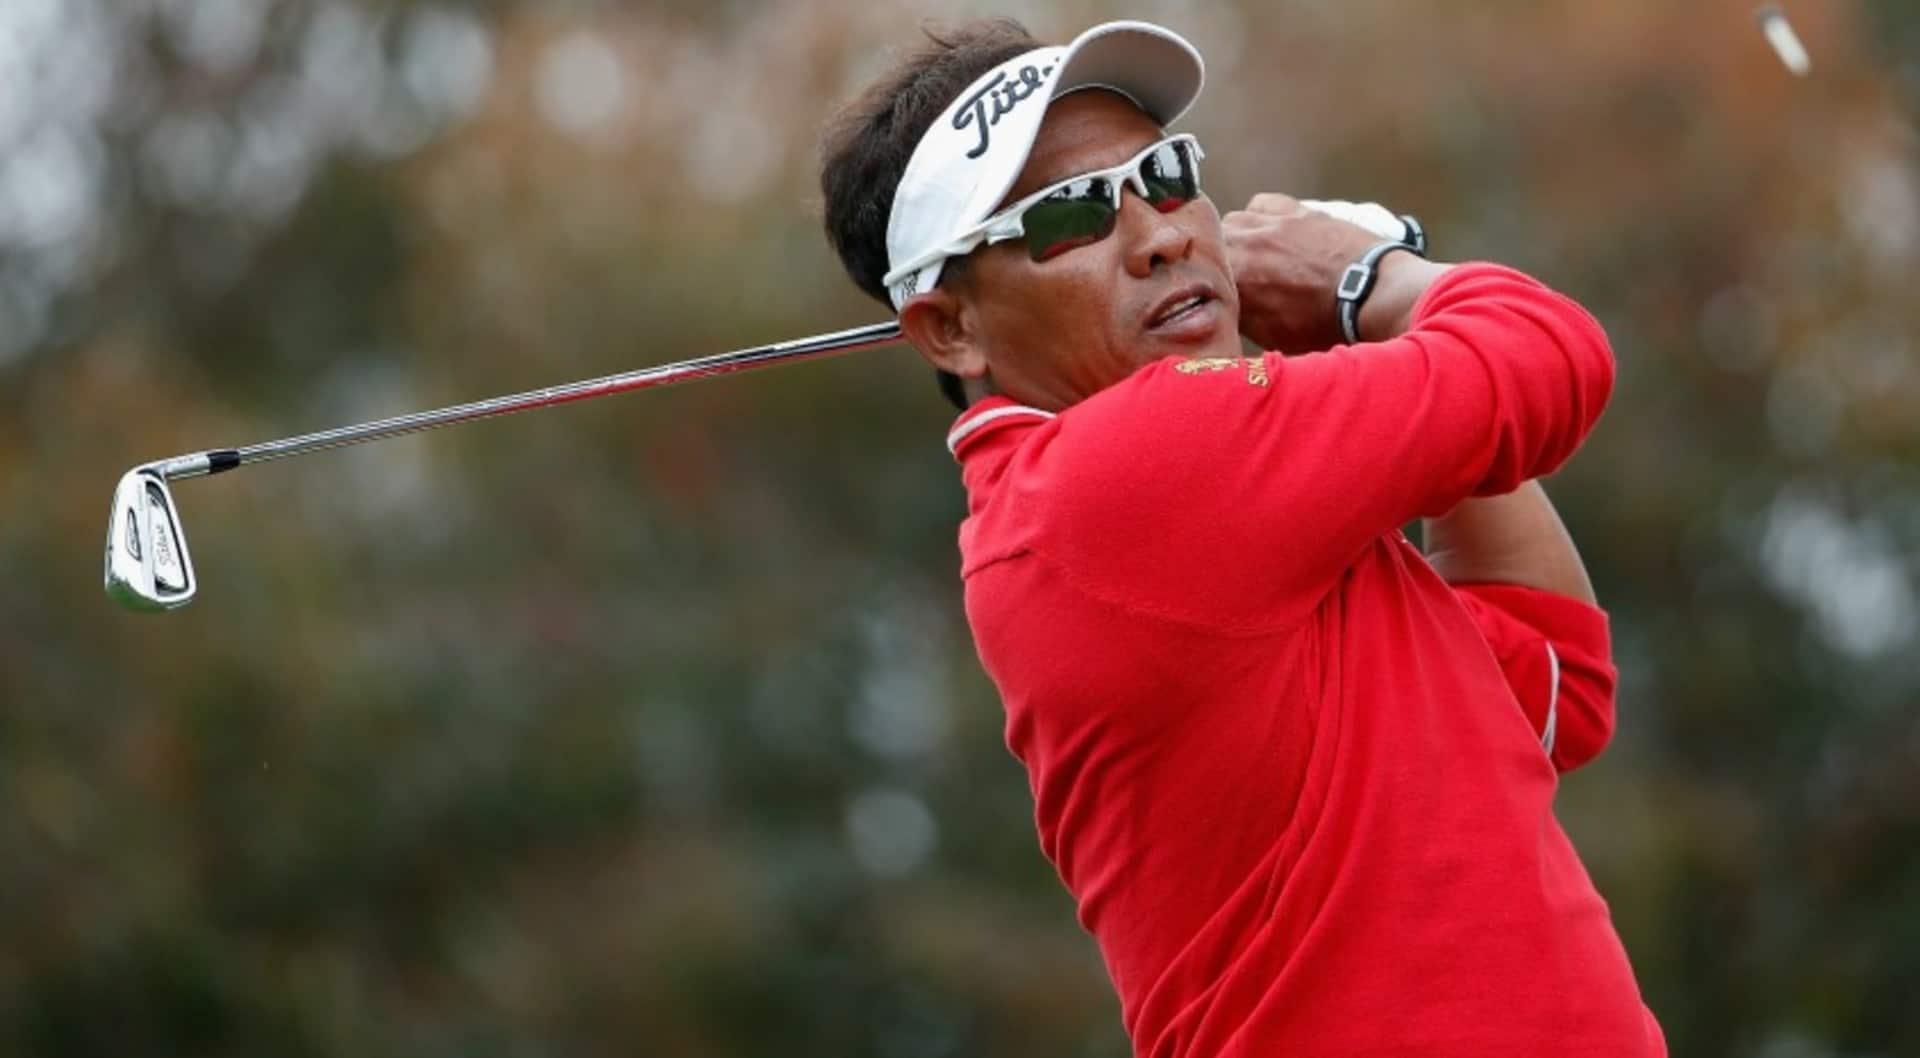 Thongchai Jaidee golfguru